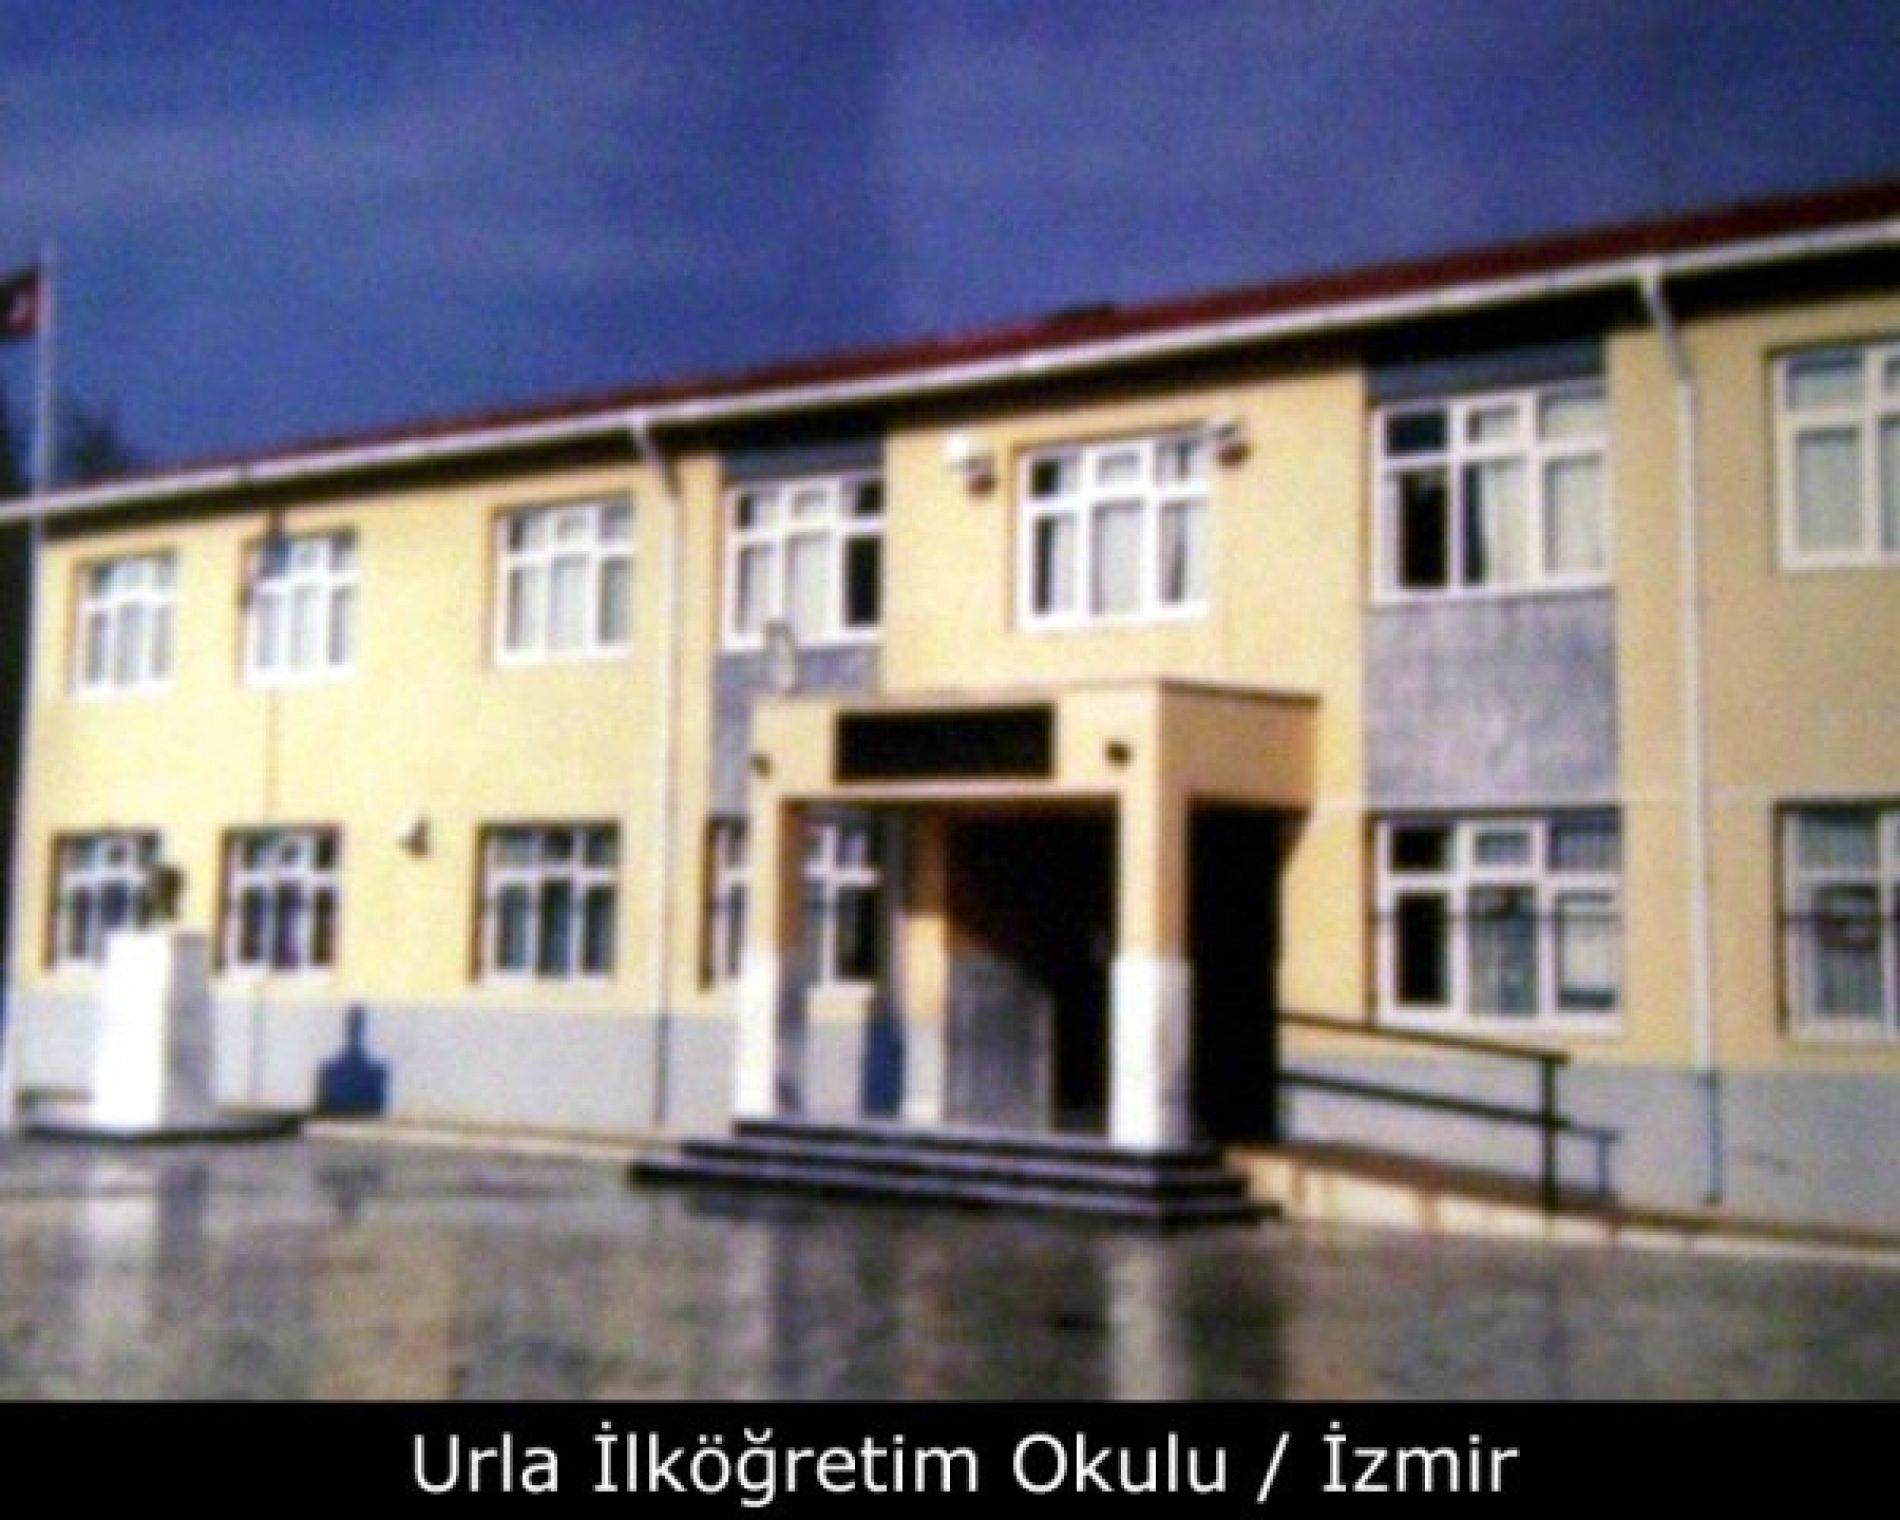 TYSD İzmir Urla Kuşçular İlköğretim Okulu